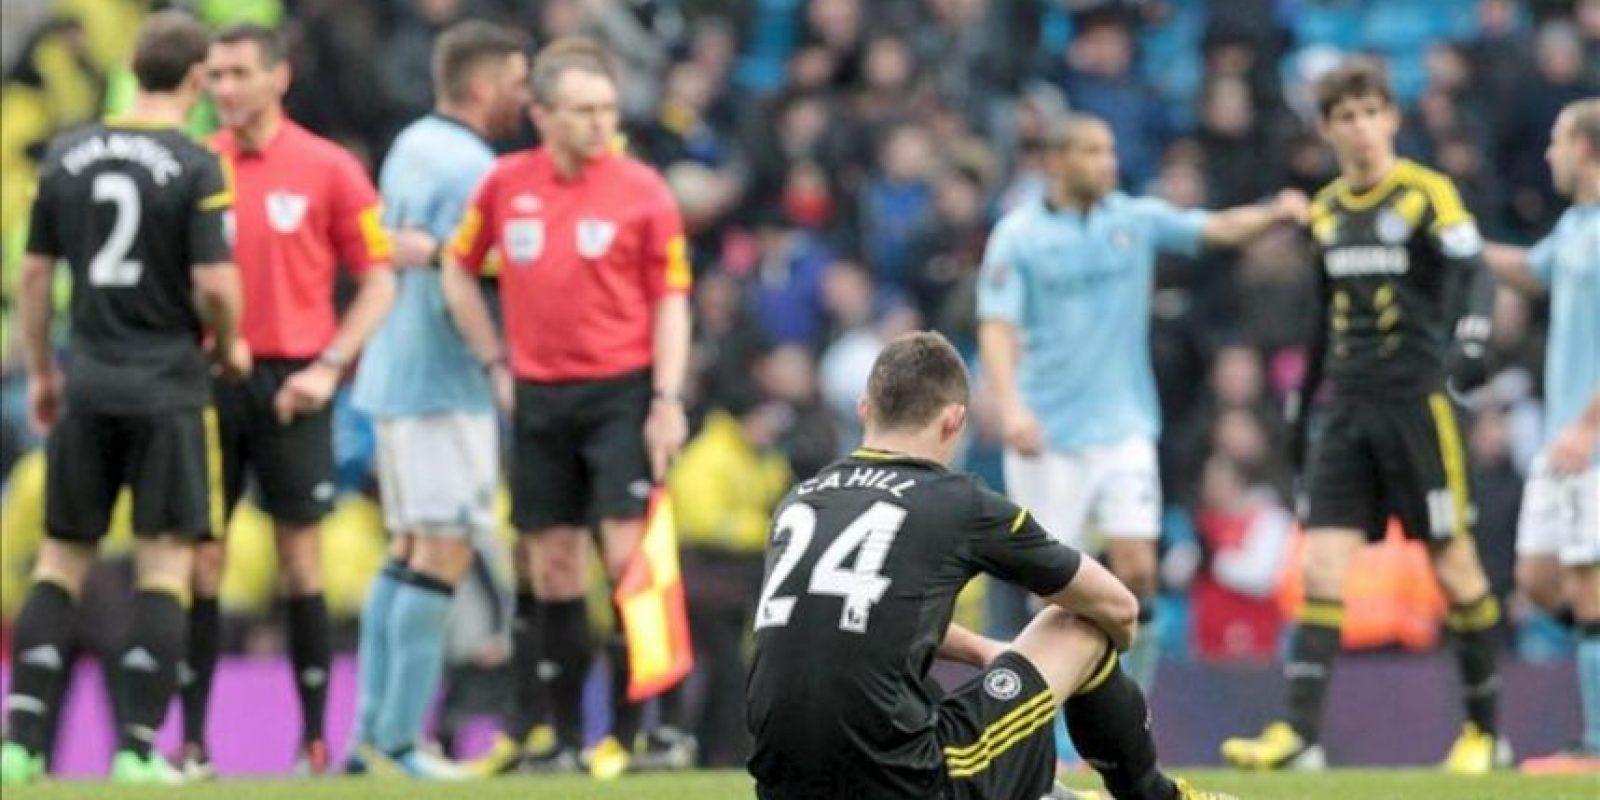 El central del Chelsea Gary Cahill (en el suelo) lamenta la derrota de su equipo por 2-0 ante el Manchester City en el partido de la Premier que se ha jugado en el Etihad Stadium, Manchester, Reino Unido. EFE